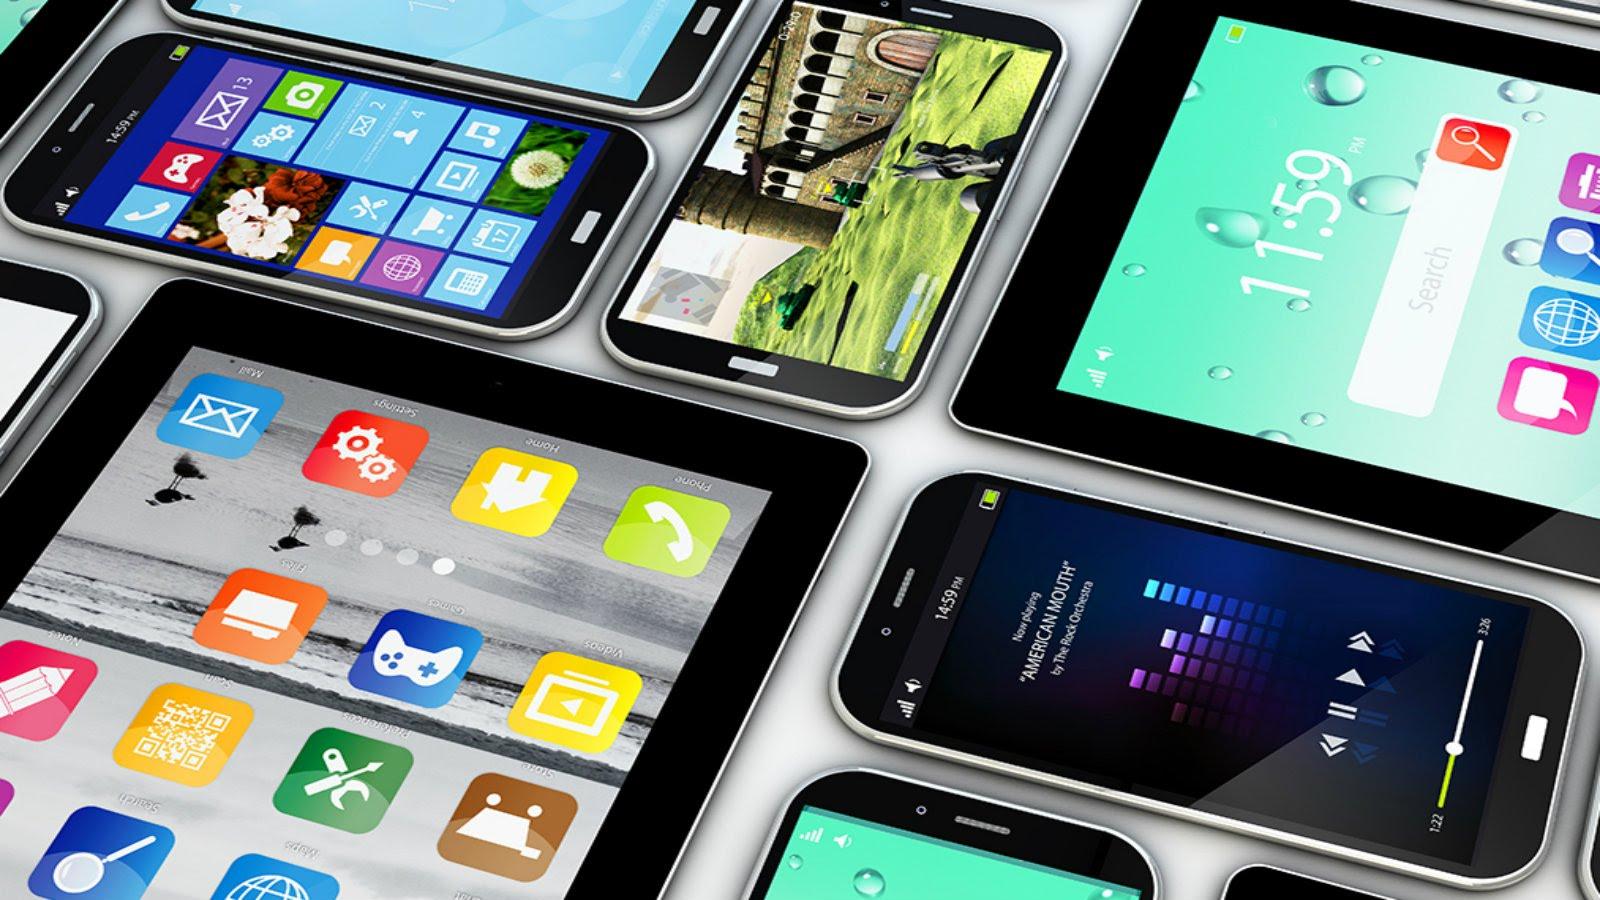 Ce putem face cu un telefon vechi Android standarde de comunicație înlocuirea telefonului comunicație mobilă telefon mobil inteligent sistem de calcul puternic cameră de supraveghere IP